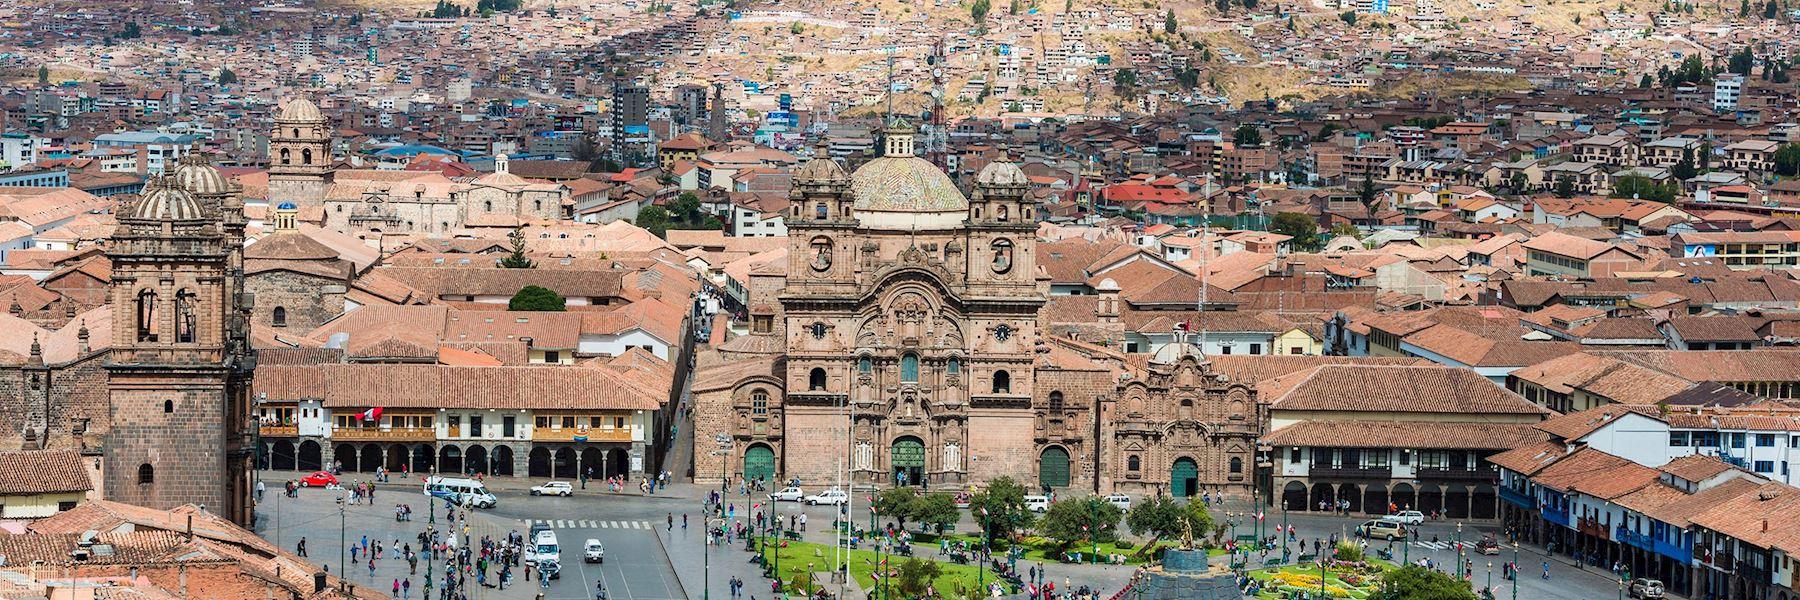 Peru trip ideas